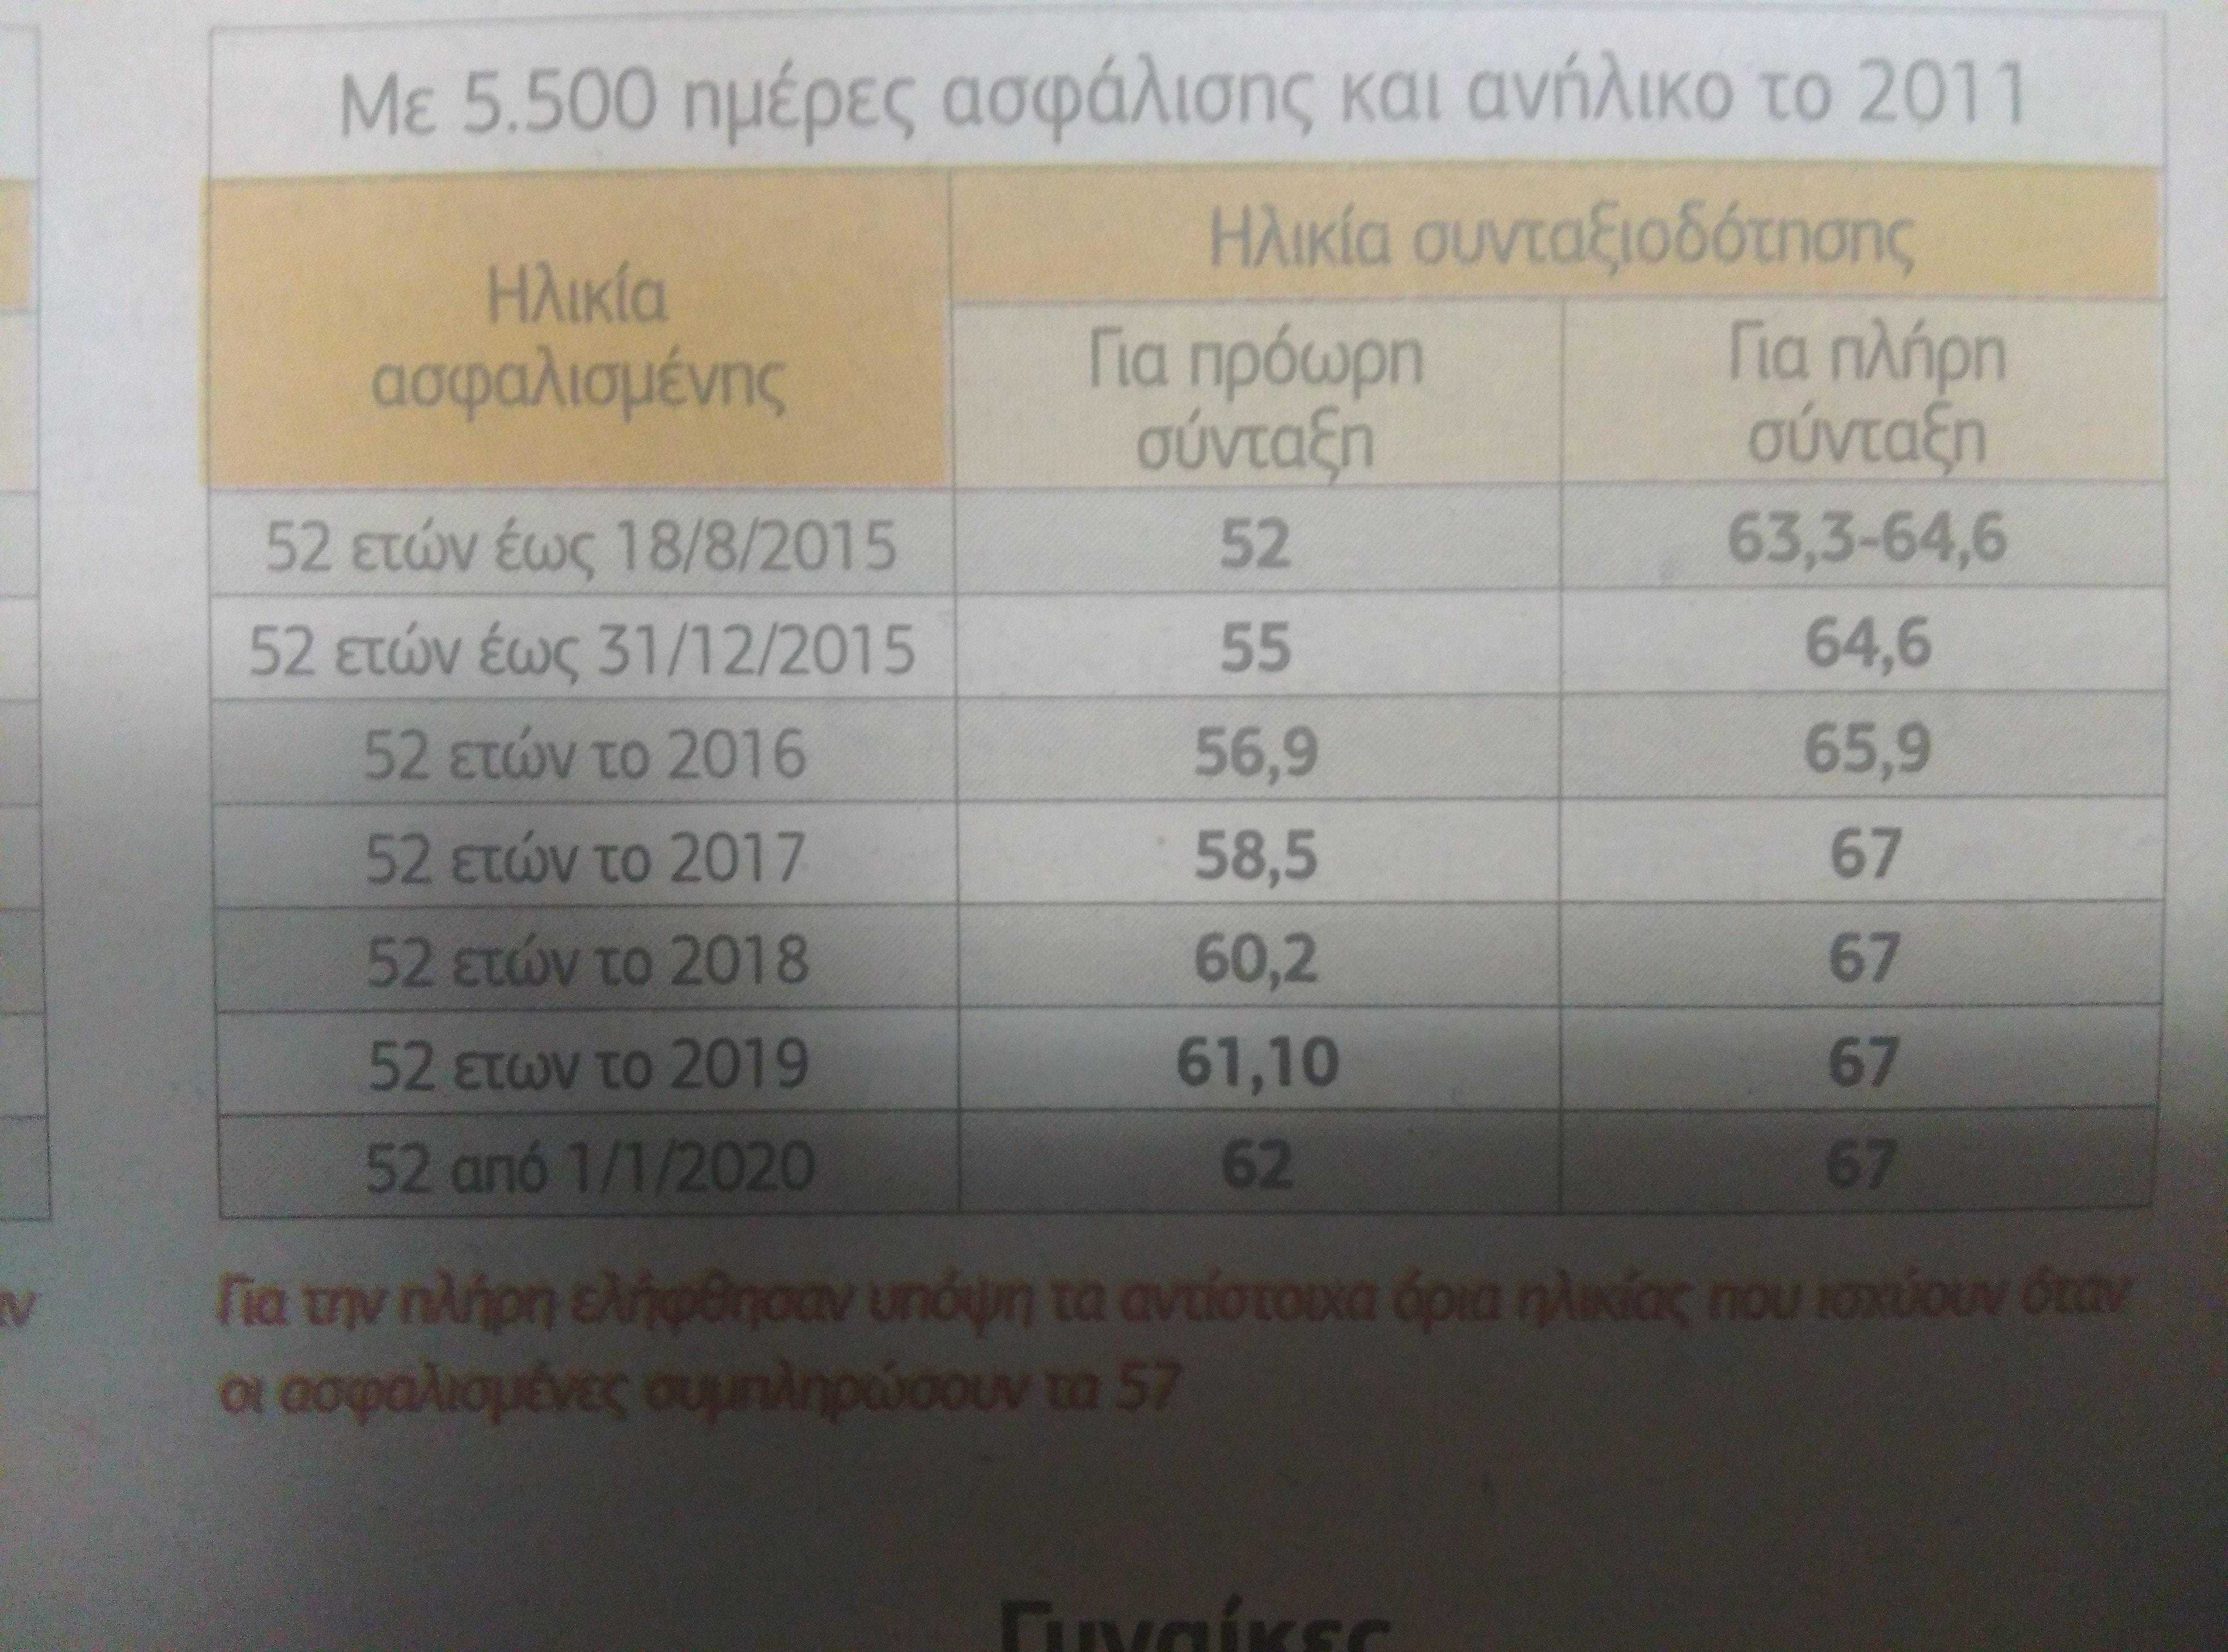 Συντάξεις Ποιοι και πώς «κλειδώνουν» πρόωρη σύνταξη έως 750 ευρώ –